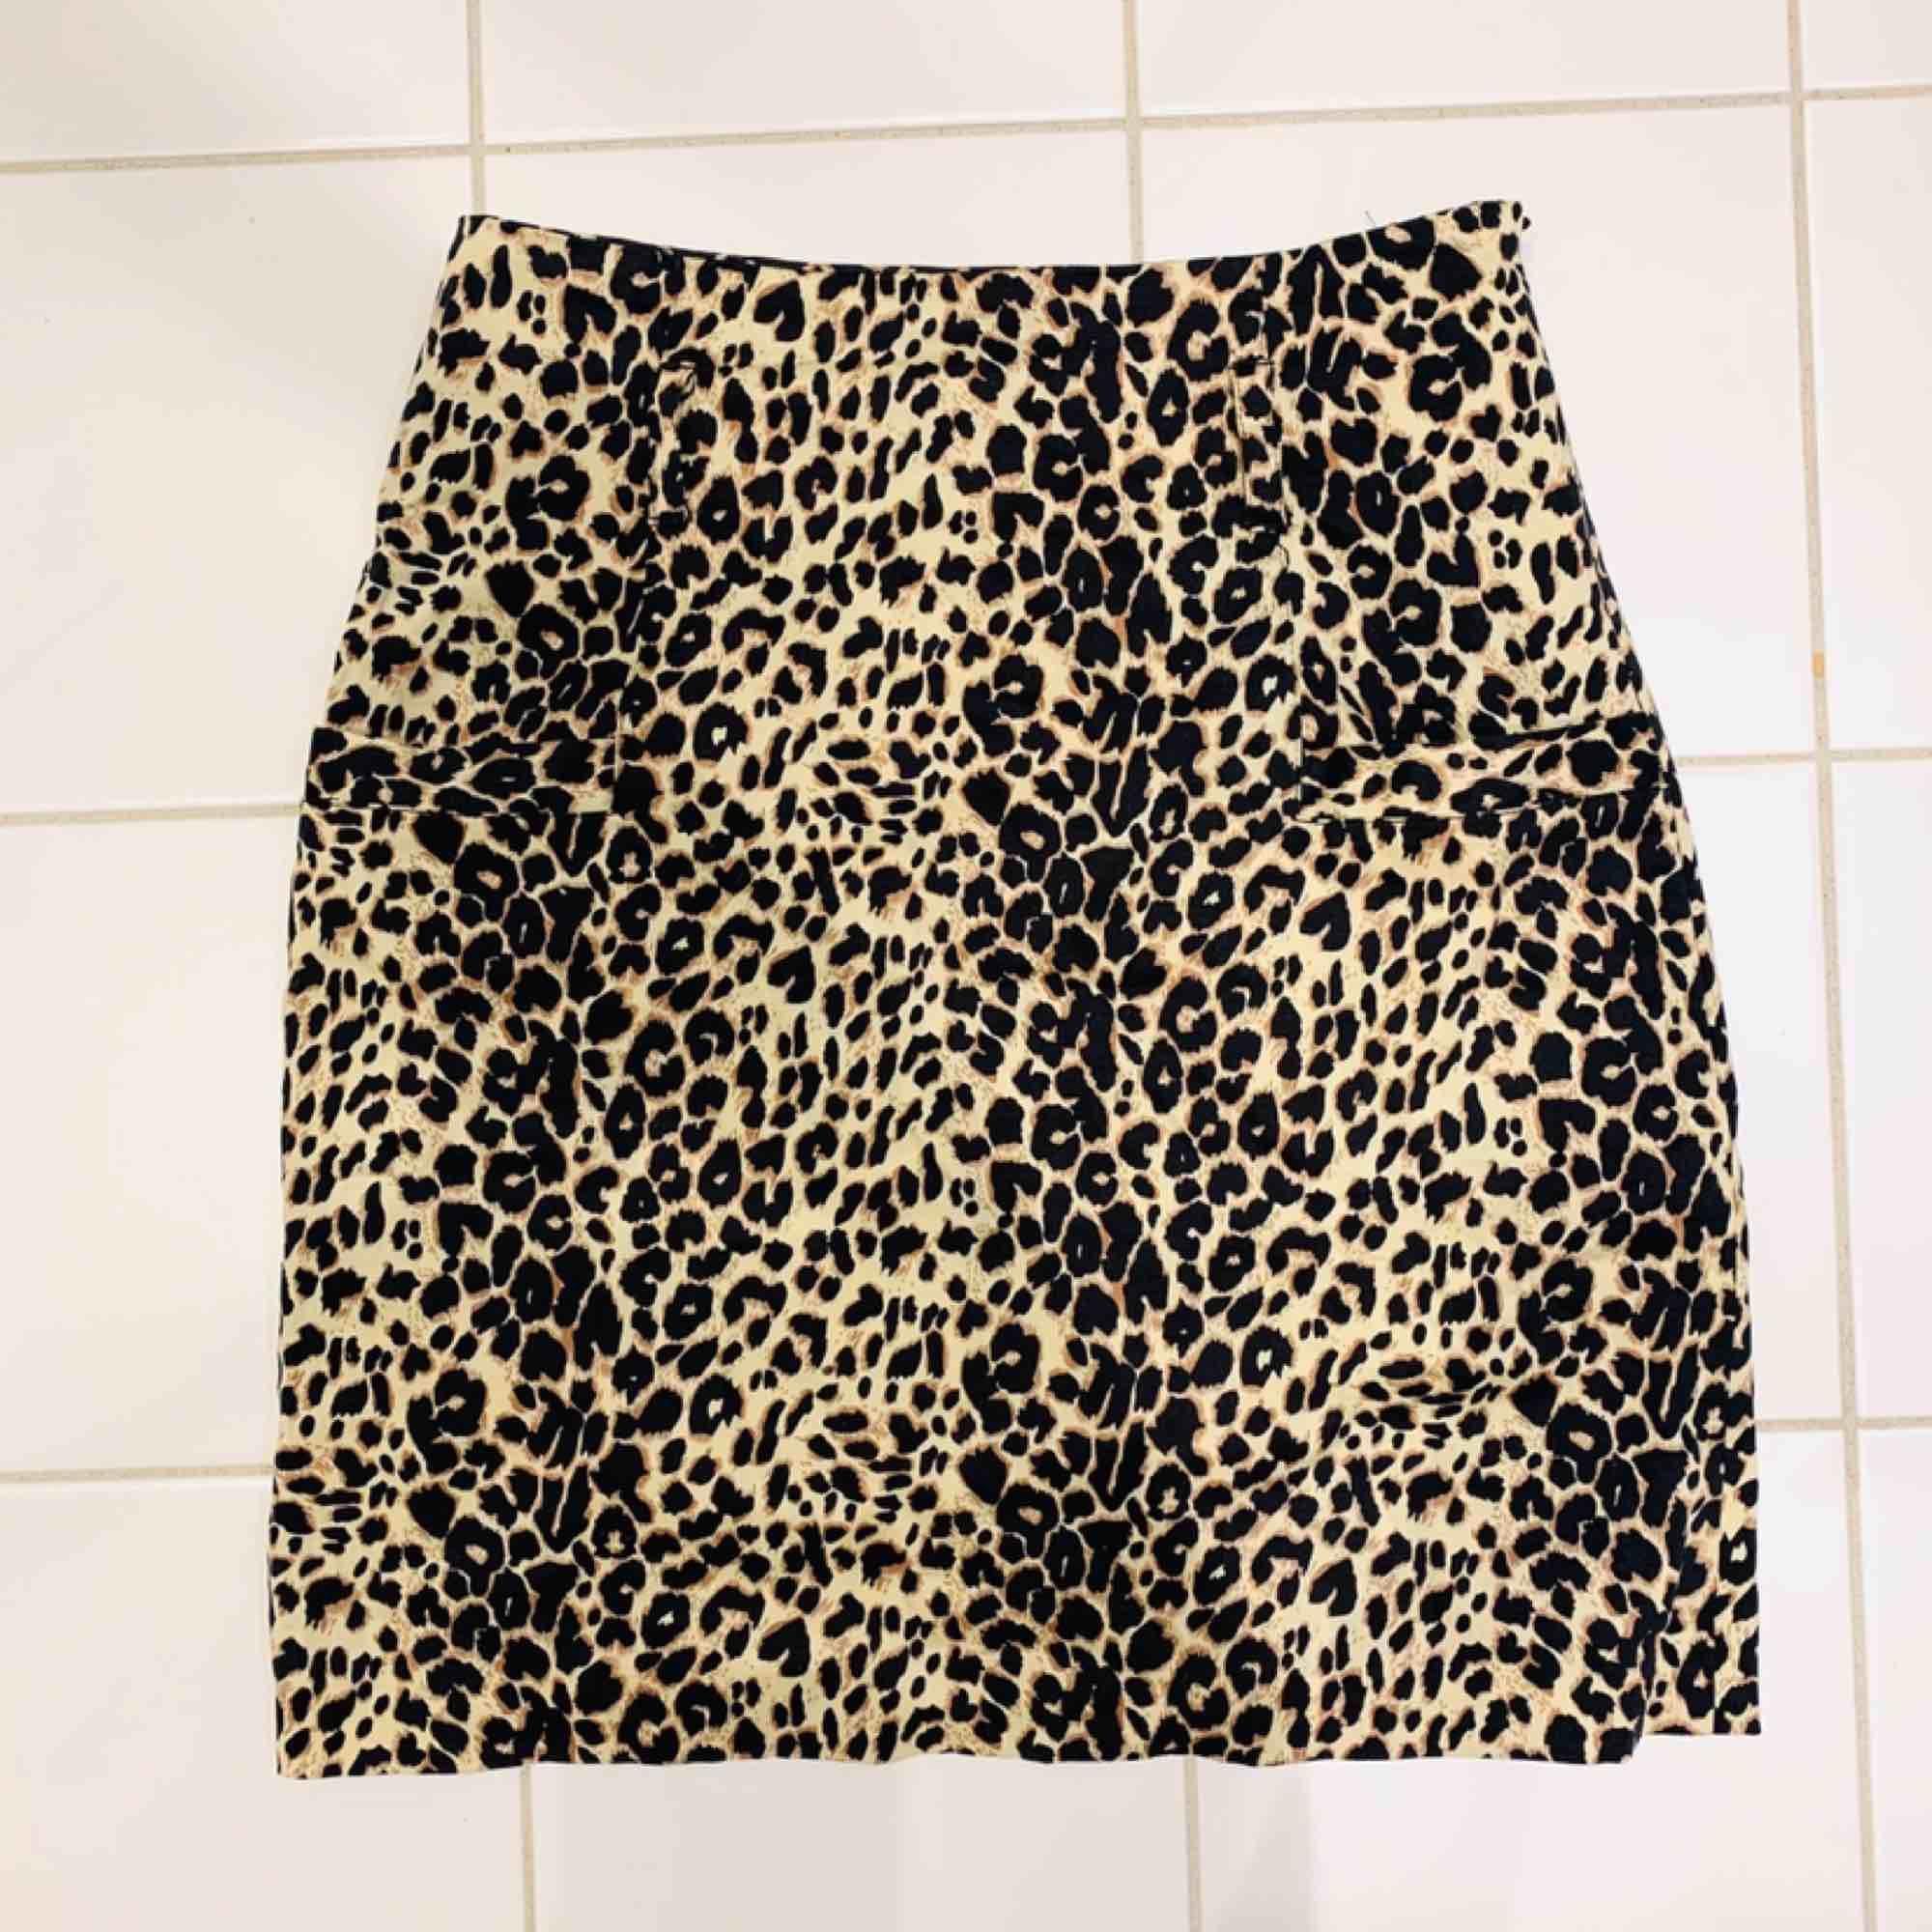 Fin åtsittande kort kjol med fickor och hällor för skärp, stängs i sidan med dragkedja. Mycket fint skick. Köparen står för frakt, betalas via Swish 💫. Kjolar.